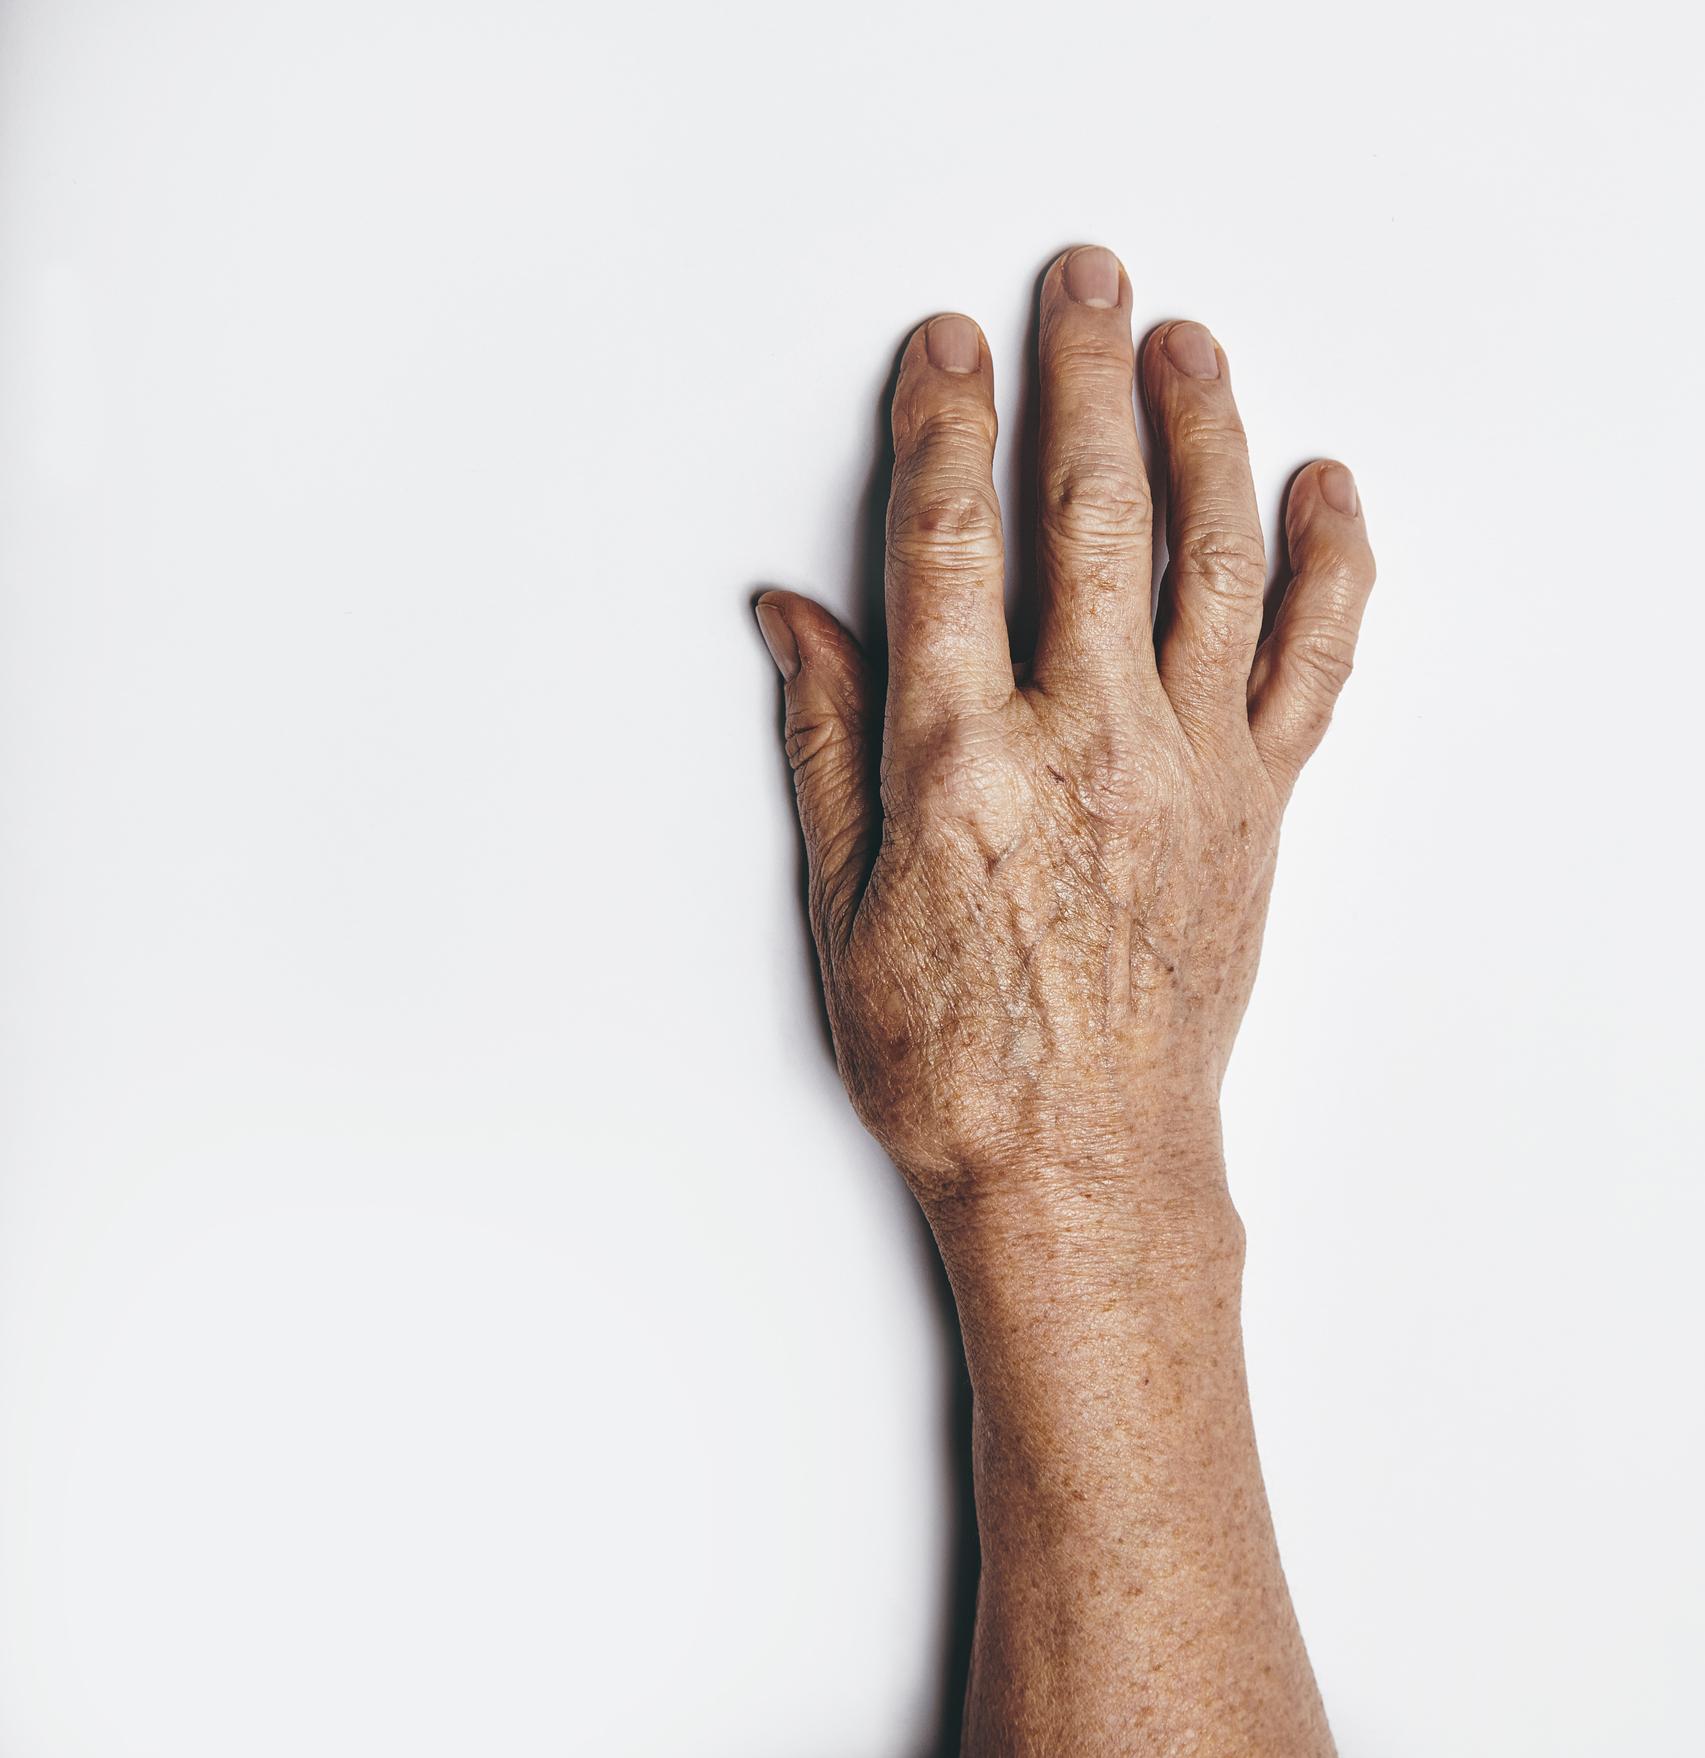 Braço com manchas de envelhecimento